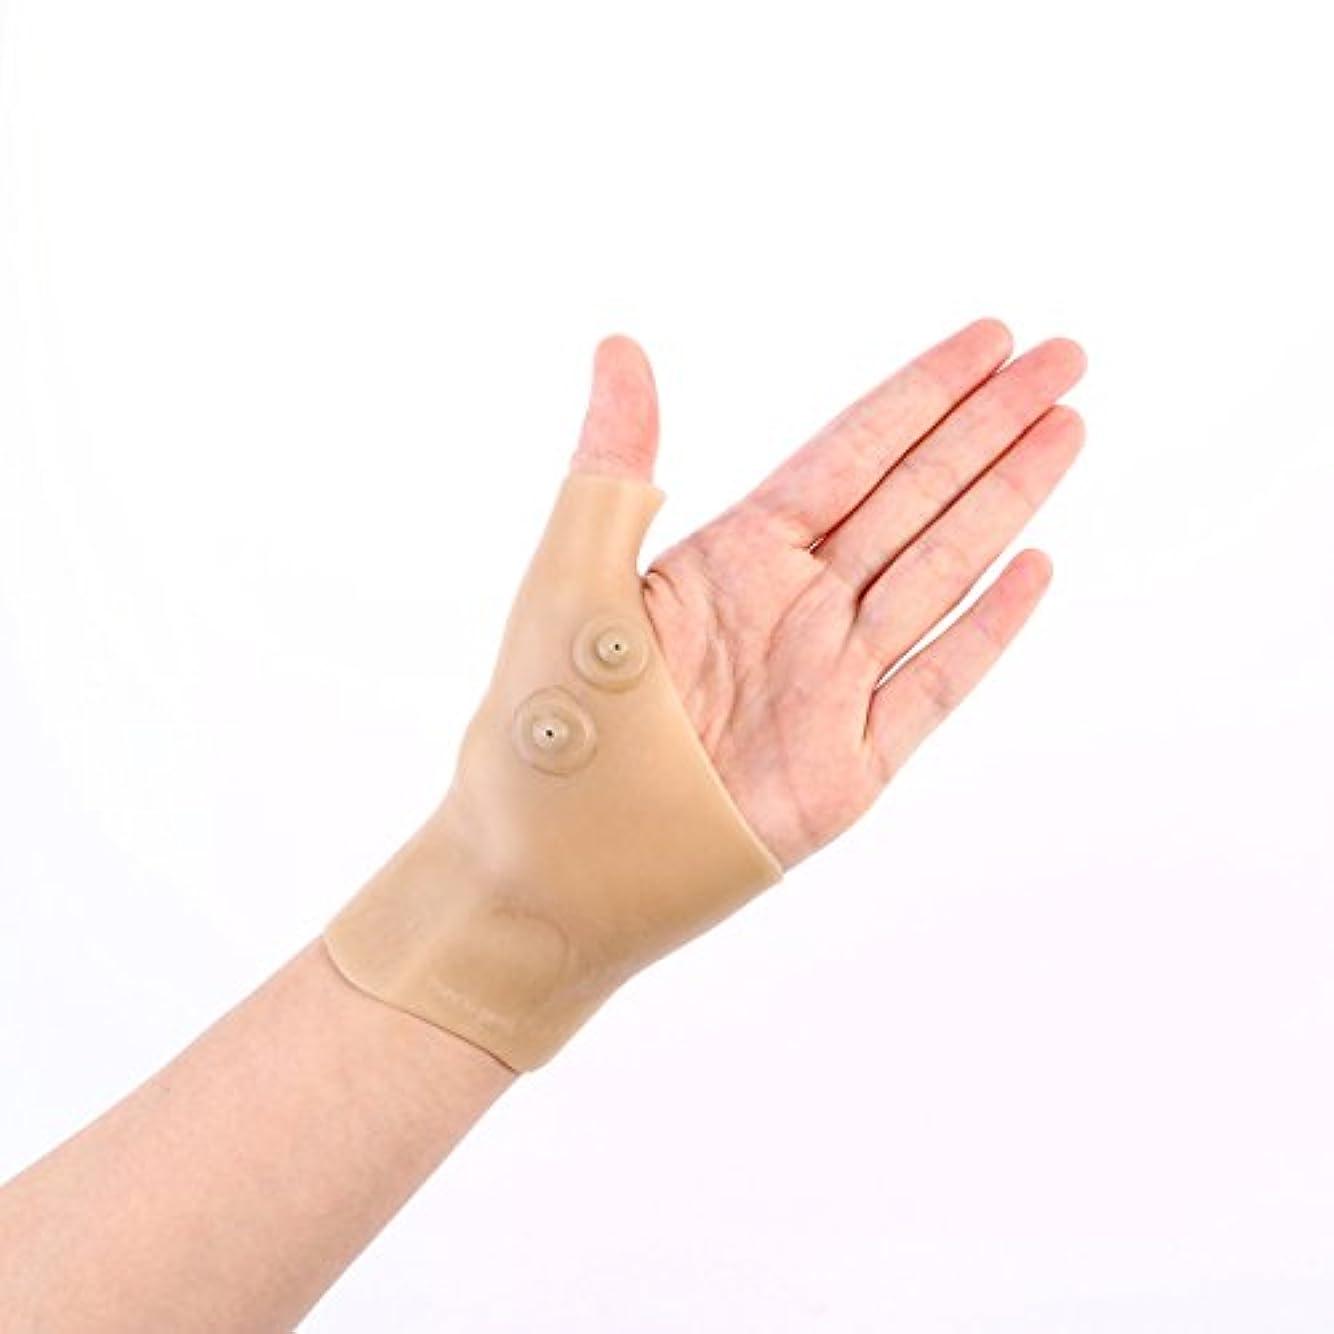 カリキュラムどちらか不平を言うHealifty 首サポートブレース シリコンゲル 腱鞘炎 バネ指 手首の親指の痛みを和らげる 2個